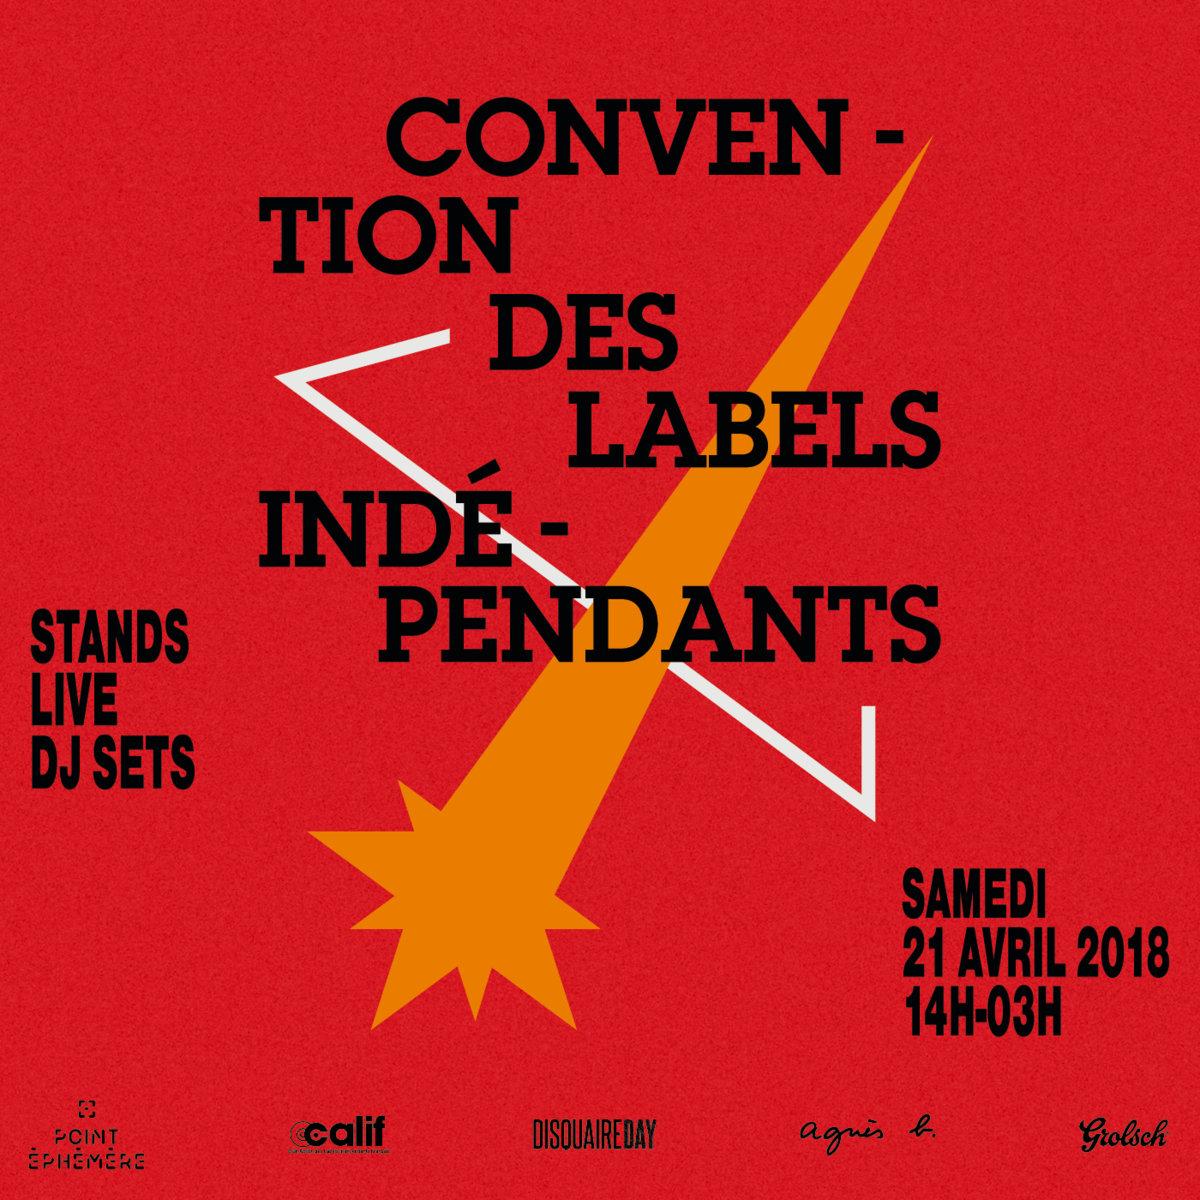 LA CONVENTION DES LABELS INDÉPENDANTS | Point Éphémère